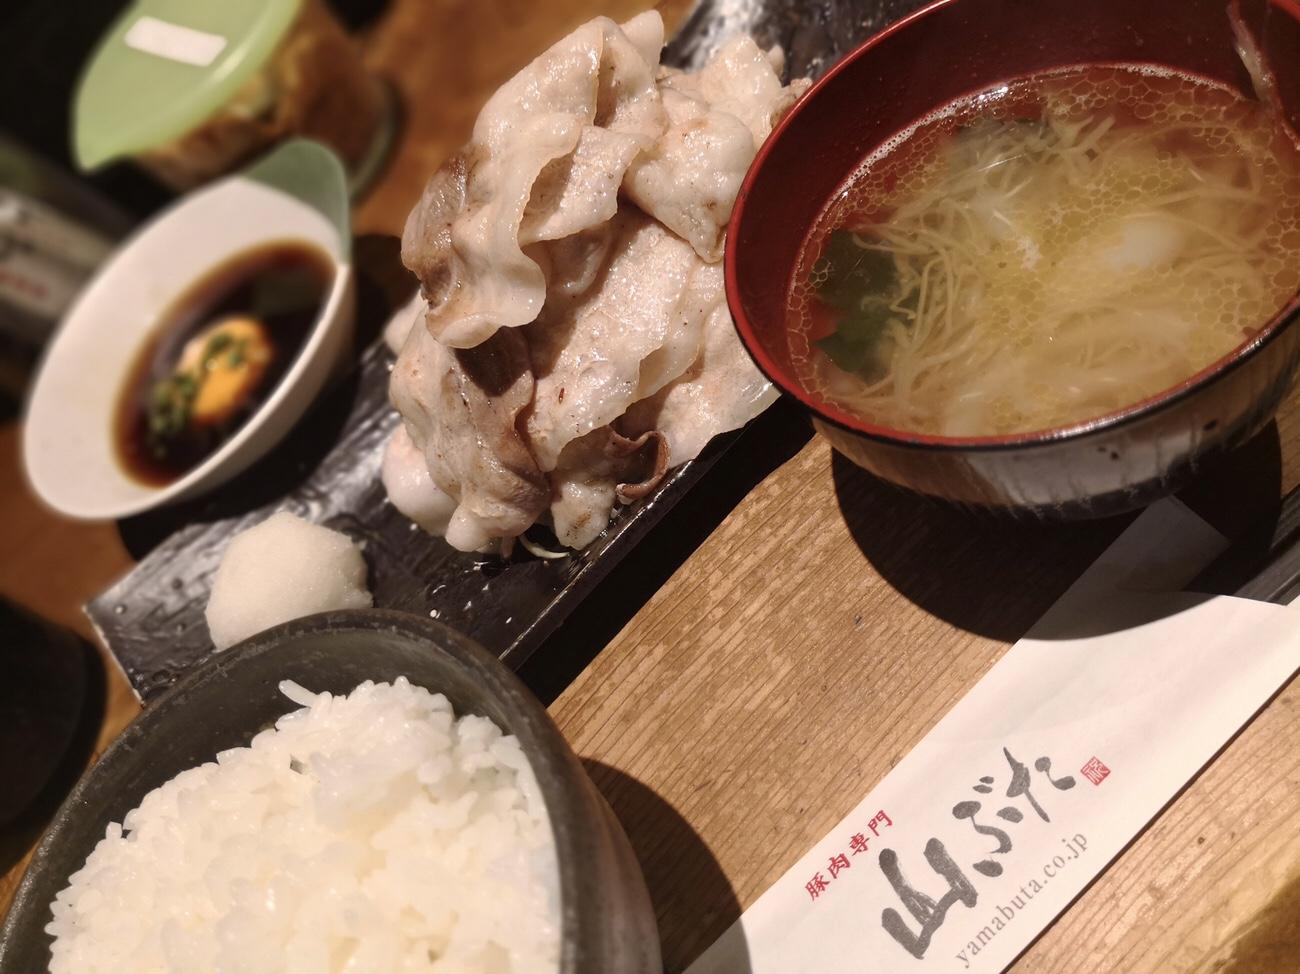 大阪梅田 山ぶた ランチ バラ焼き定食